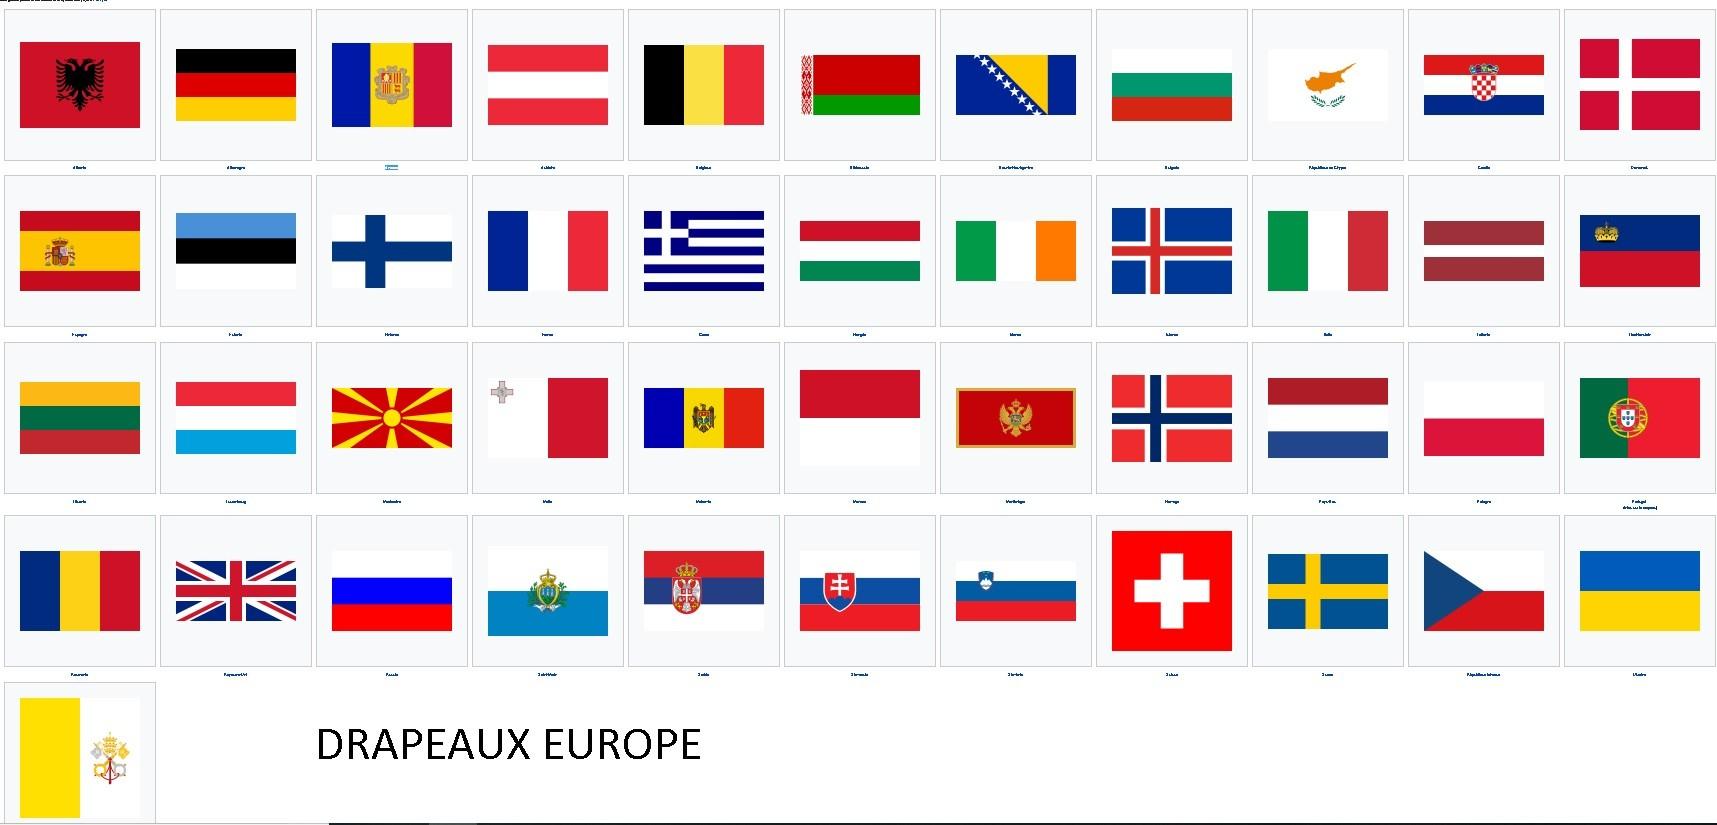 Autocollants Des Drapeaux D'europe concernant Drapeaux Européens À Imprimer